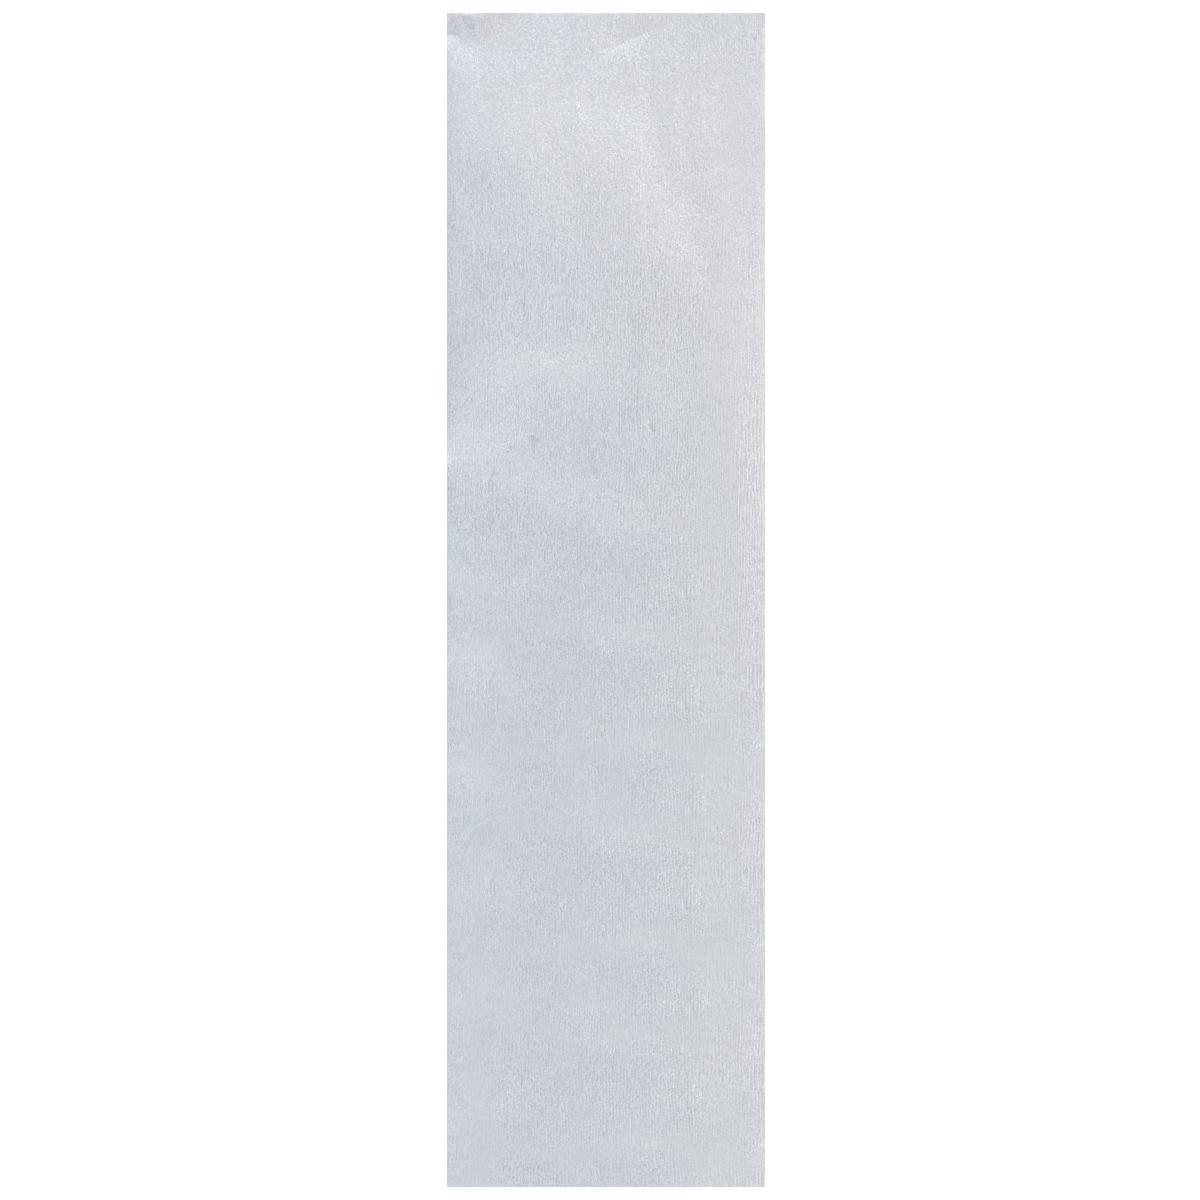 Бумага крепированная Проф-Пресс, металлизированная, цвет: серебристый, 50 х 250 смБ-2303Крепированная металлизированная бумага Проф-Пресс - отличный вариант для воплощения творческих идей не только детей, но и взрослых. Она отлично подойдет для упаковки хрупких изделий, при оформлении букетов, создании сложных цветовых композиций, для декорирования и других оформительских работ. Бумага обладает повышенной прочностью и жесткостью, хорошо растягивается, имеет жатую поверхность. Кроме того, металлизированная бумага Проф-Пресс поможет увлечь ребенка, развивая интерес к художественному творчеству, эстетический вкус и восприятие, увеличивая желание делать подарки своими руками, воспитывая самостоятельность и аккуратность в работе. Такая бумага поможет вашему ребенку раскрыть свои таланты.